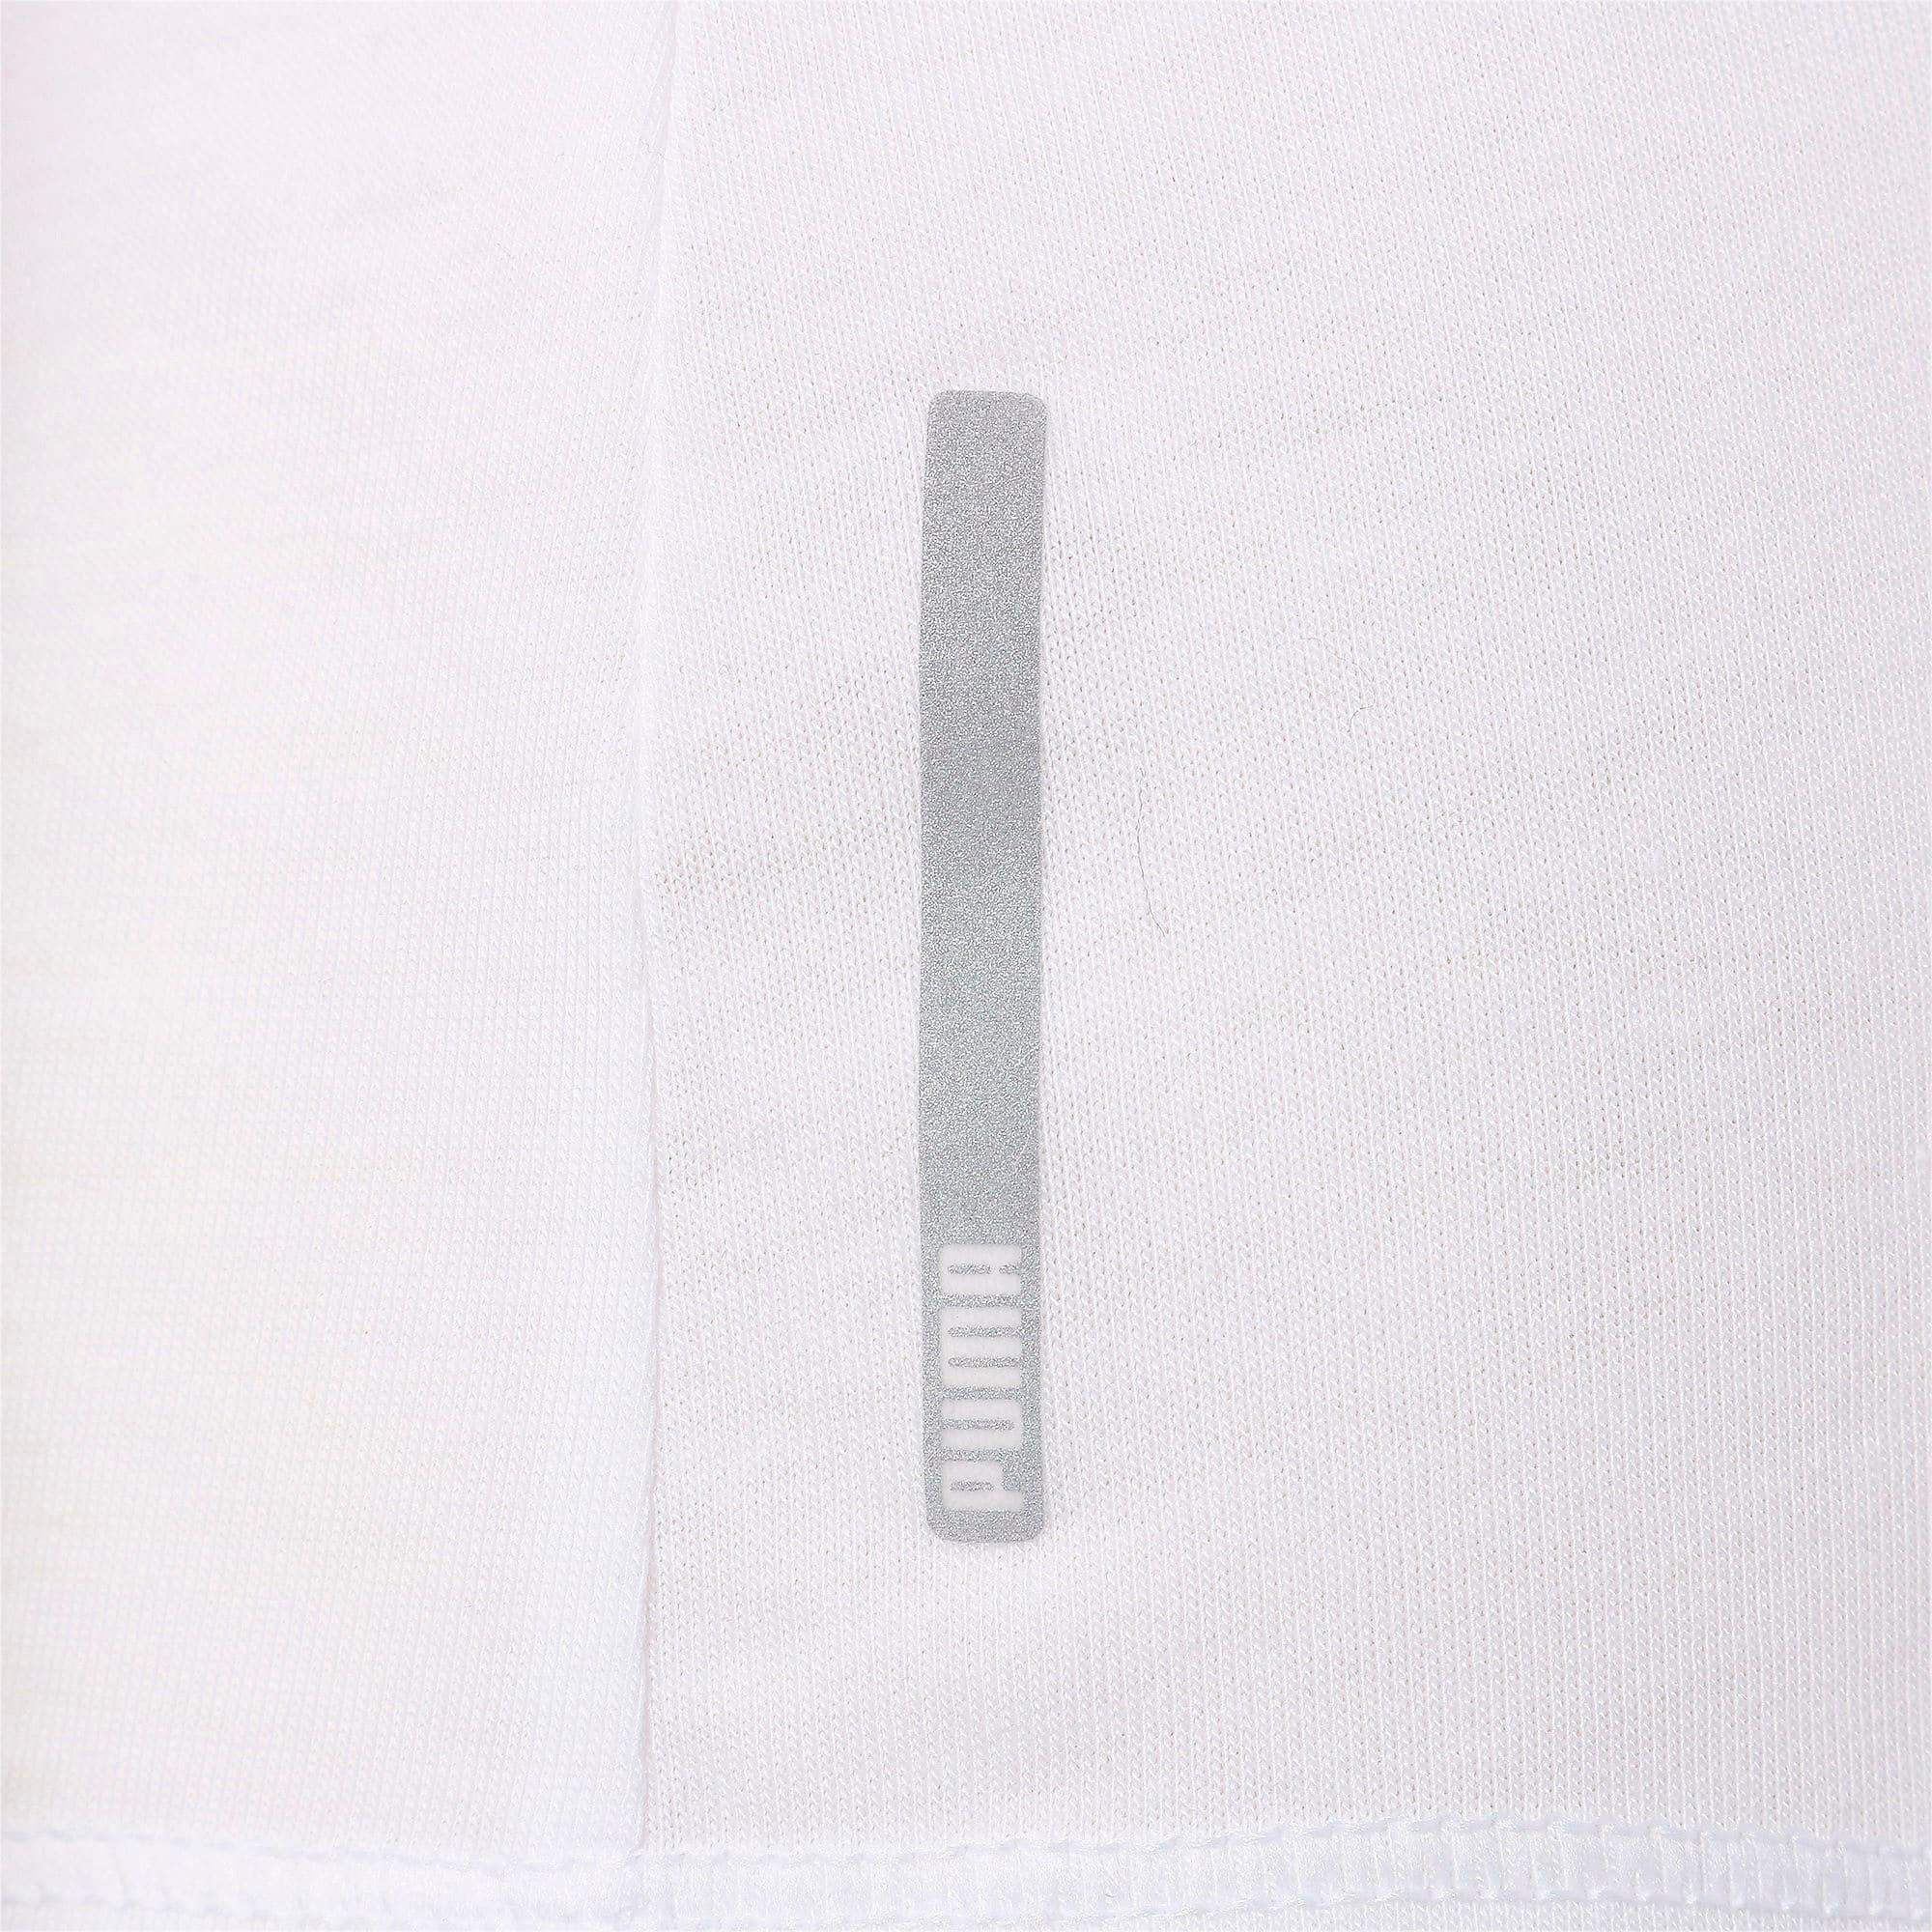 Thumbnail 10 of FAVORITE キャット SS ウィメンズ トレーニング Tシャツ 半袖, Puma White-CAT Q3, medium-JPN